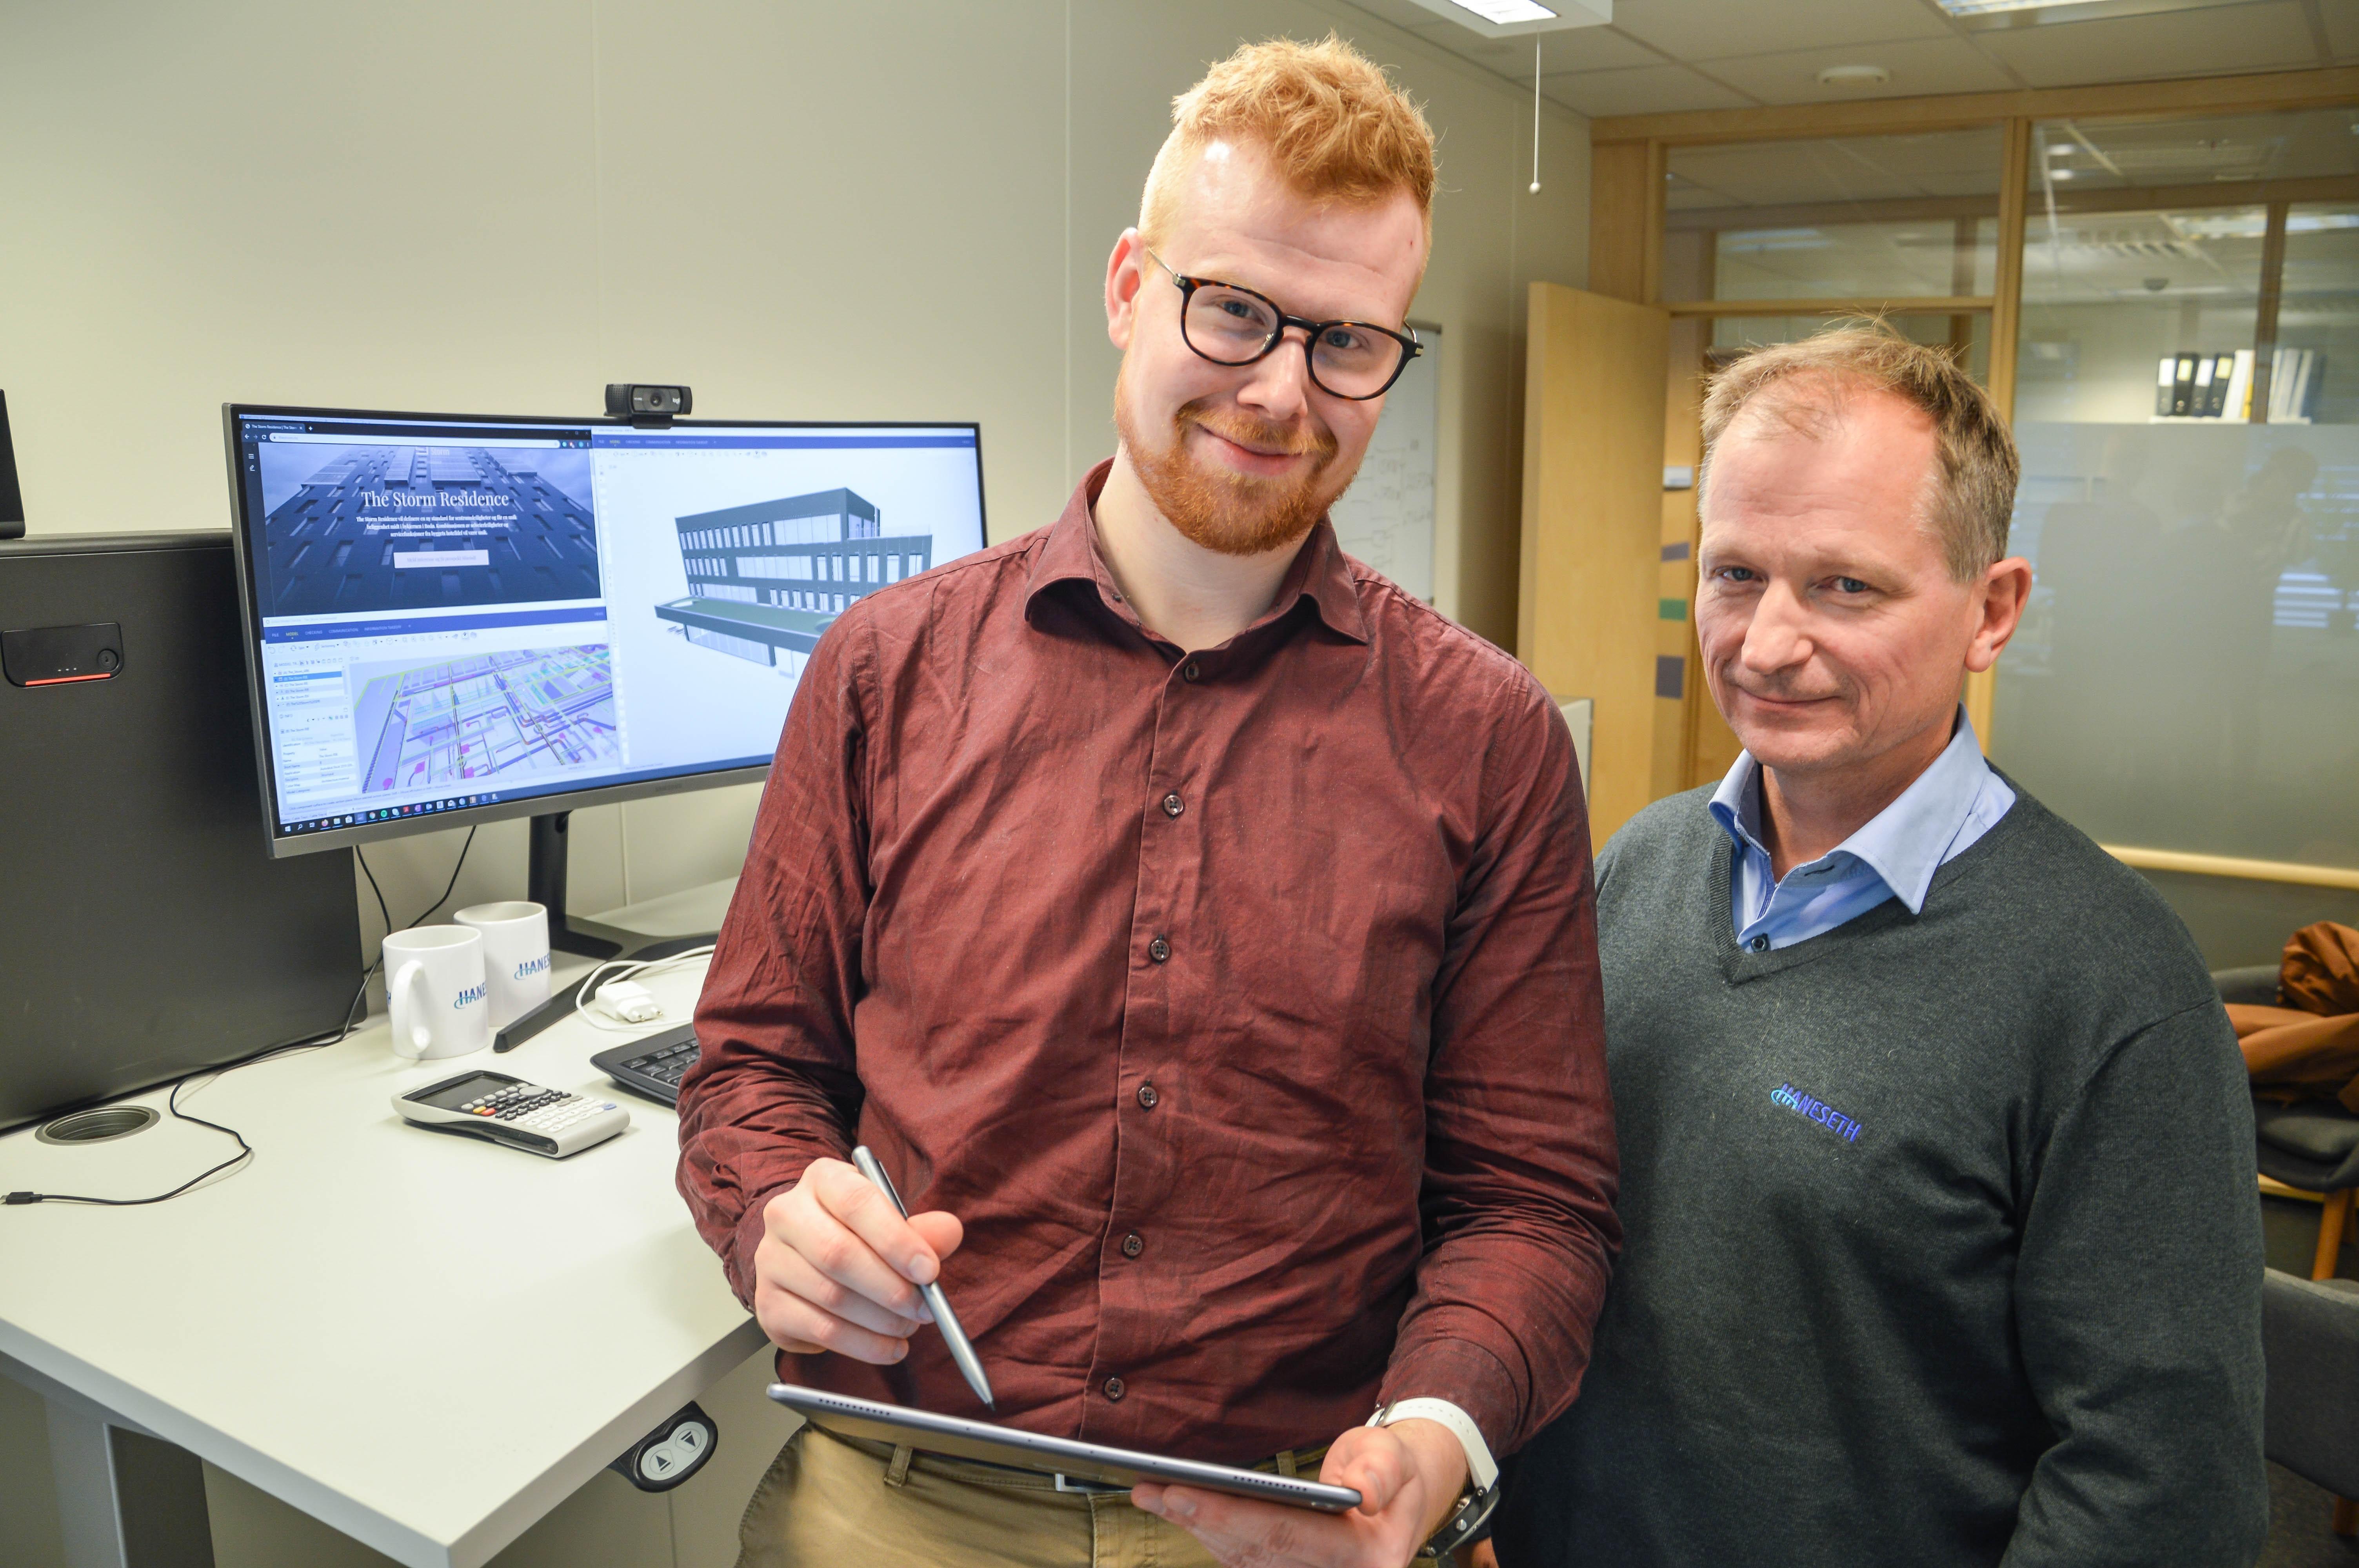 Haneseth prosjekt tar i bruk nettbrett i arbeidet med større prosjekt. Jan-Kristian Hansen og avelingsleder Steinar Nesheim går online.